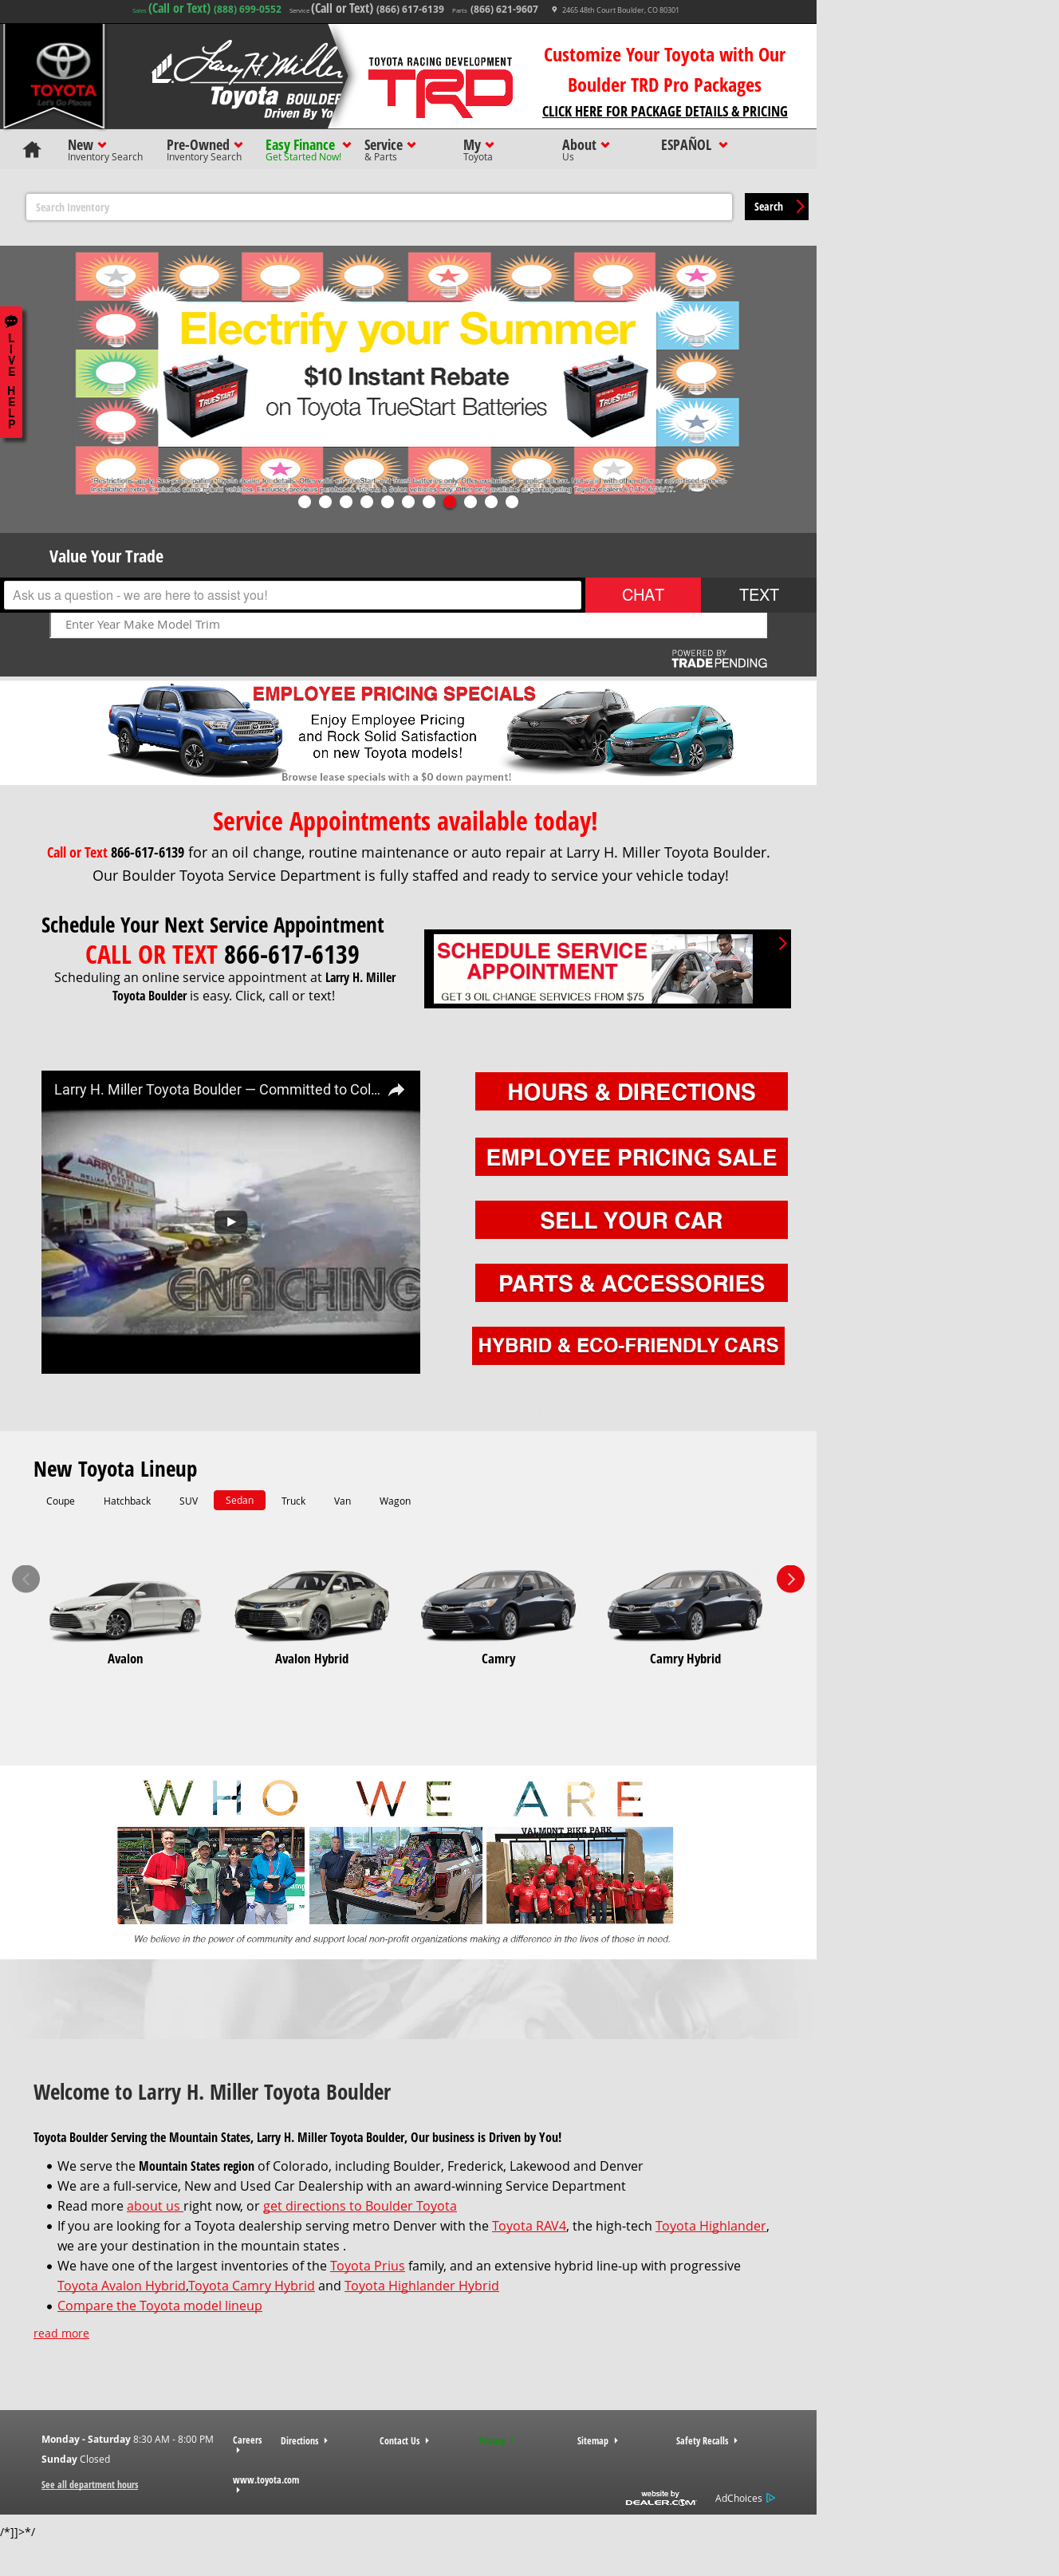 Larry H. Miller Toyota Boulder Website History